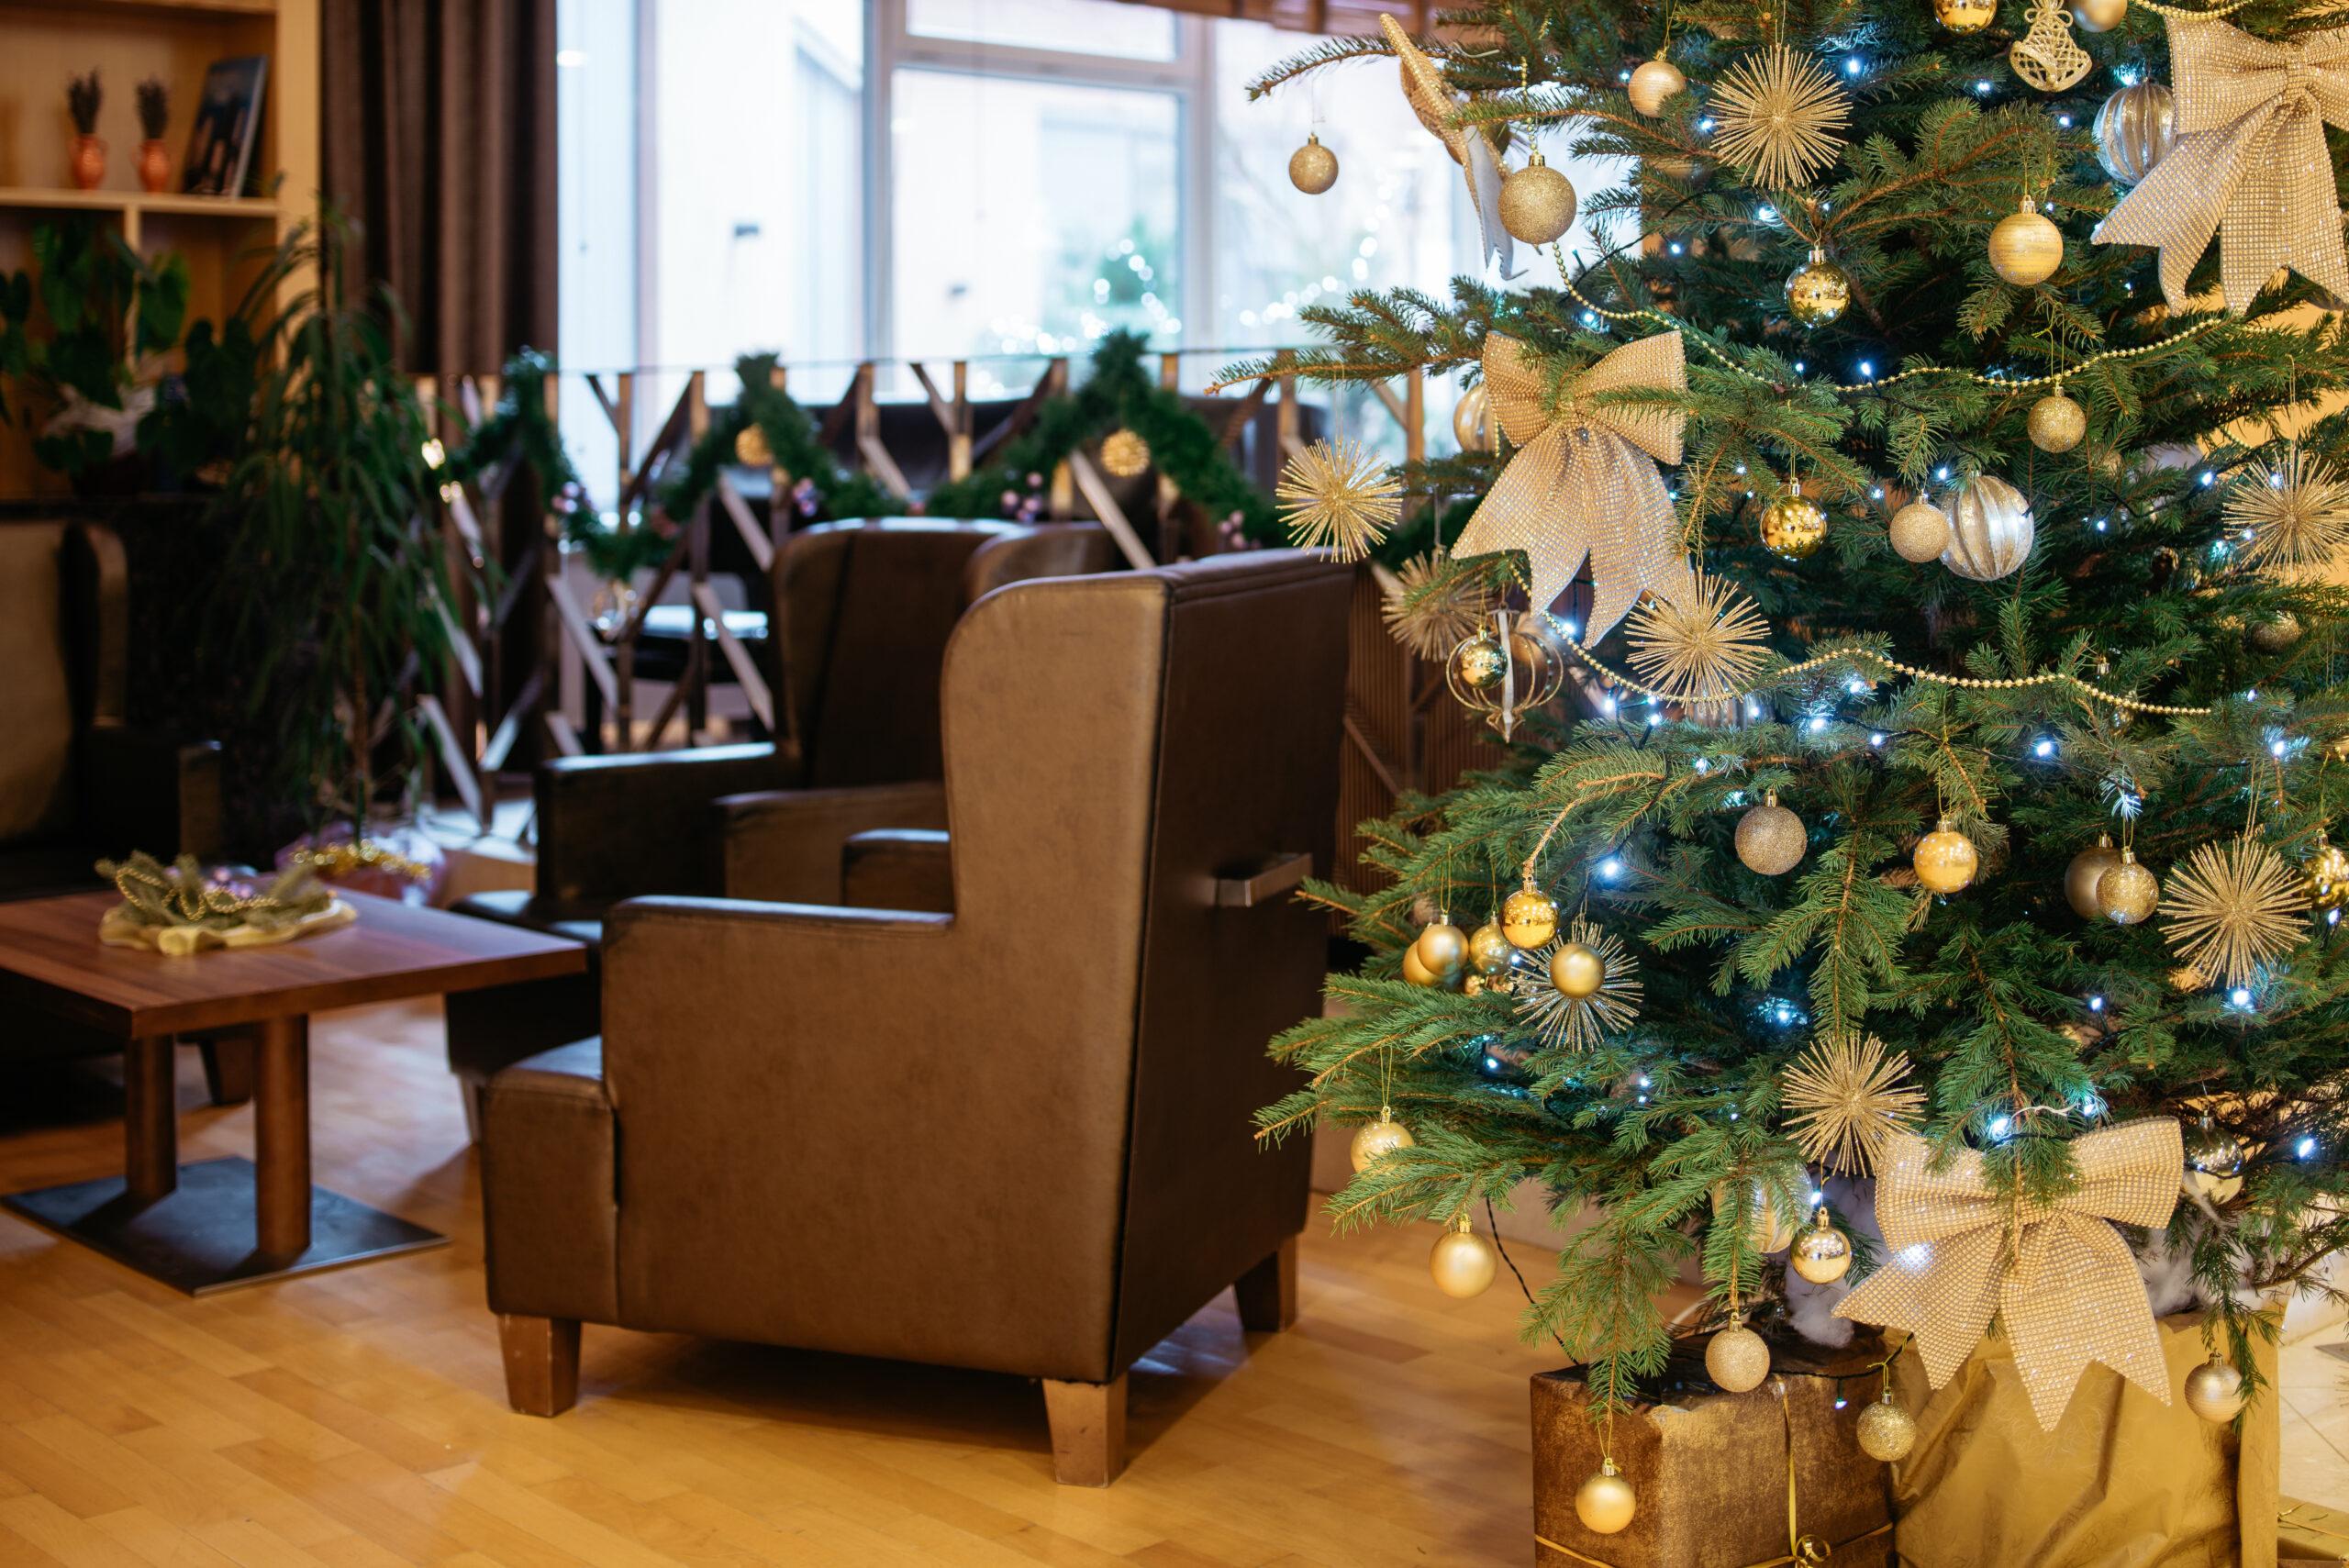 Christmas Holiday Decor_GHP__TPtuj_02_Foto SK_12 15